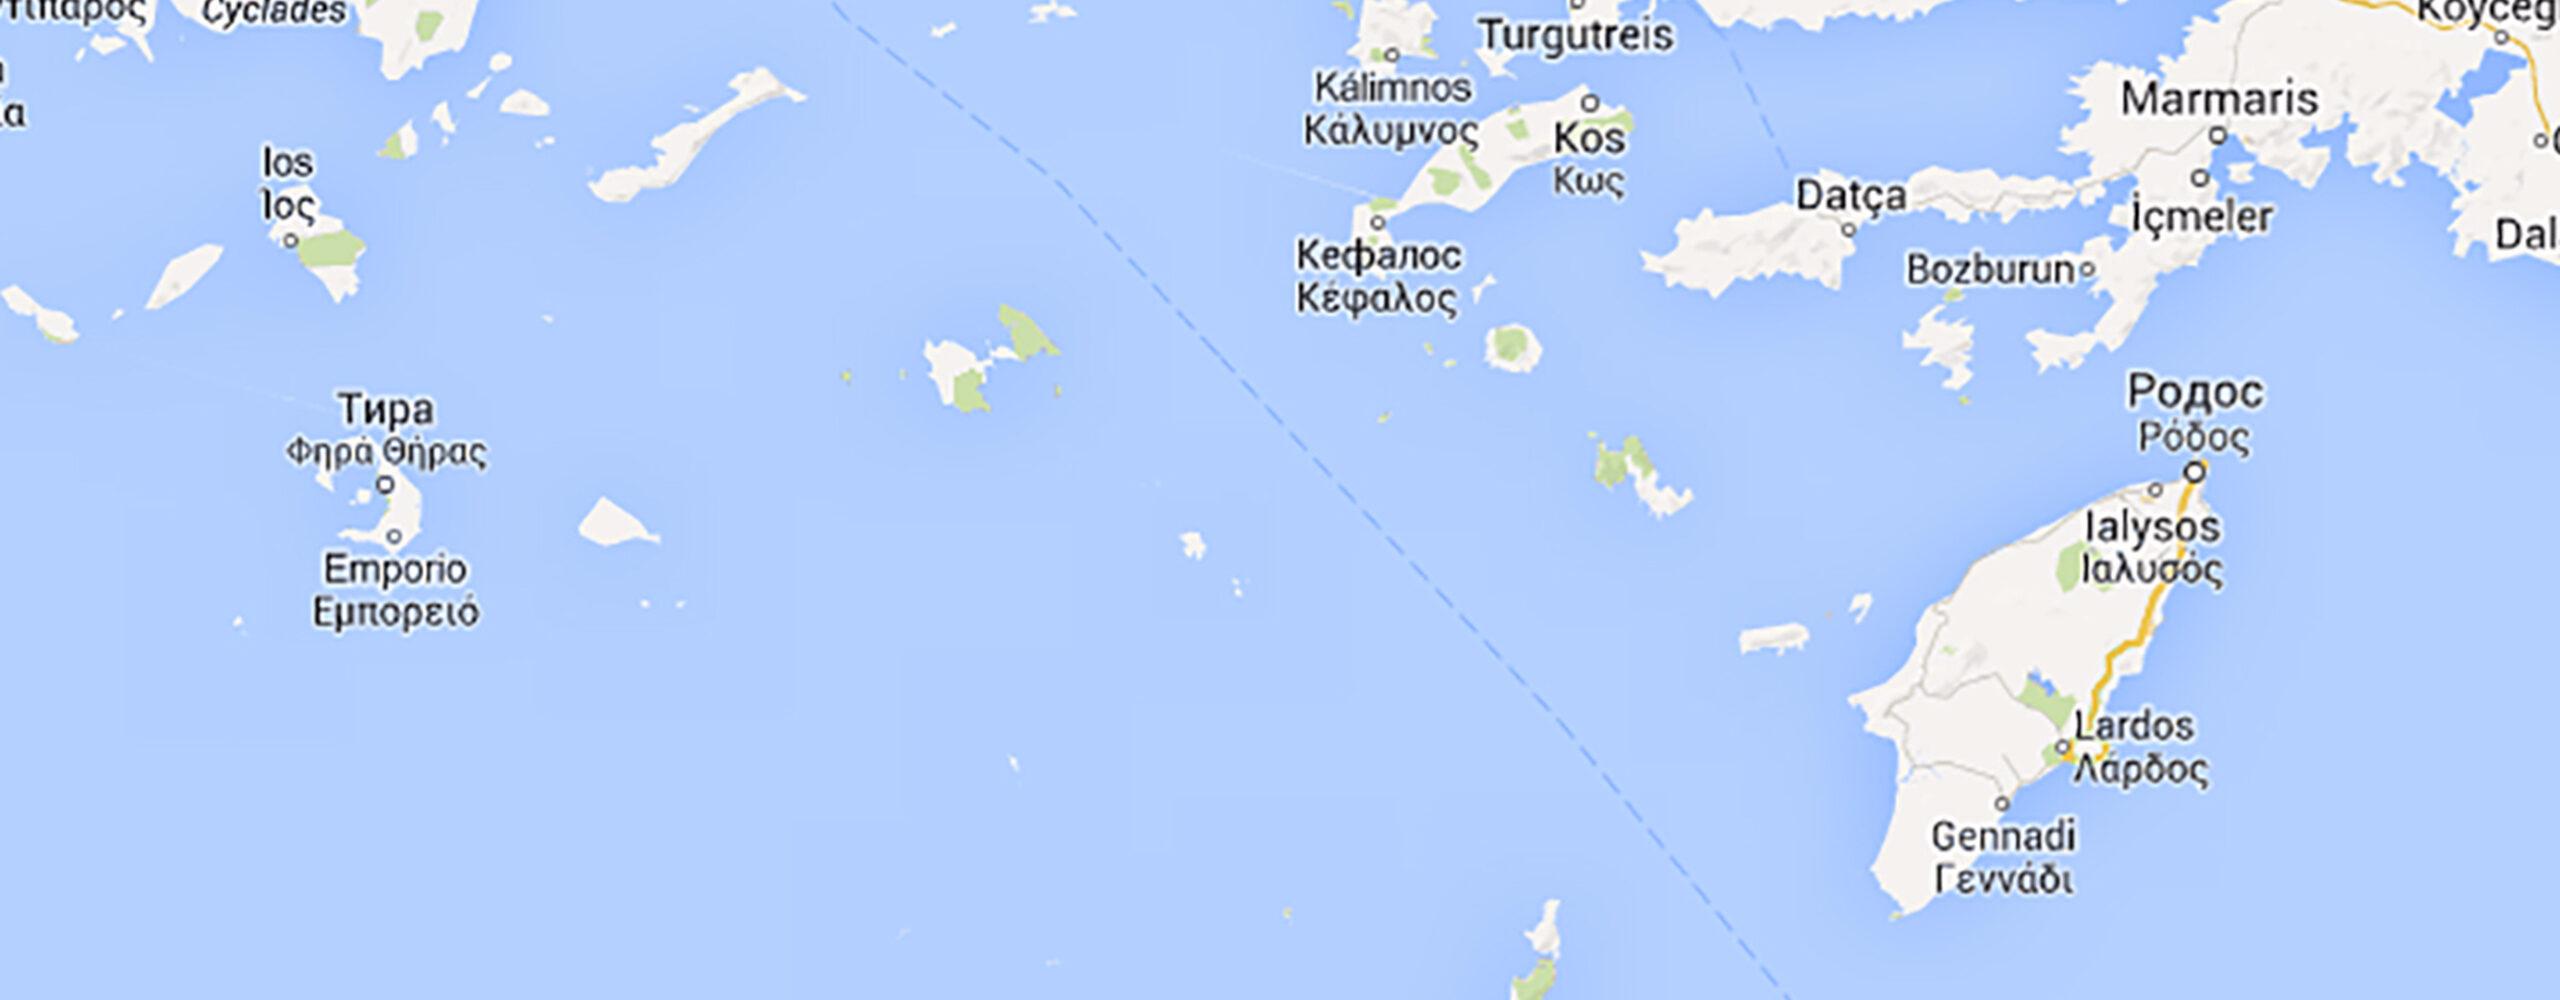 ПоДодеканесским островам. Часть 1